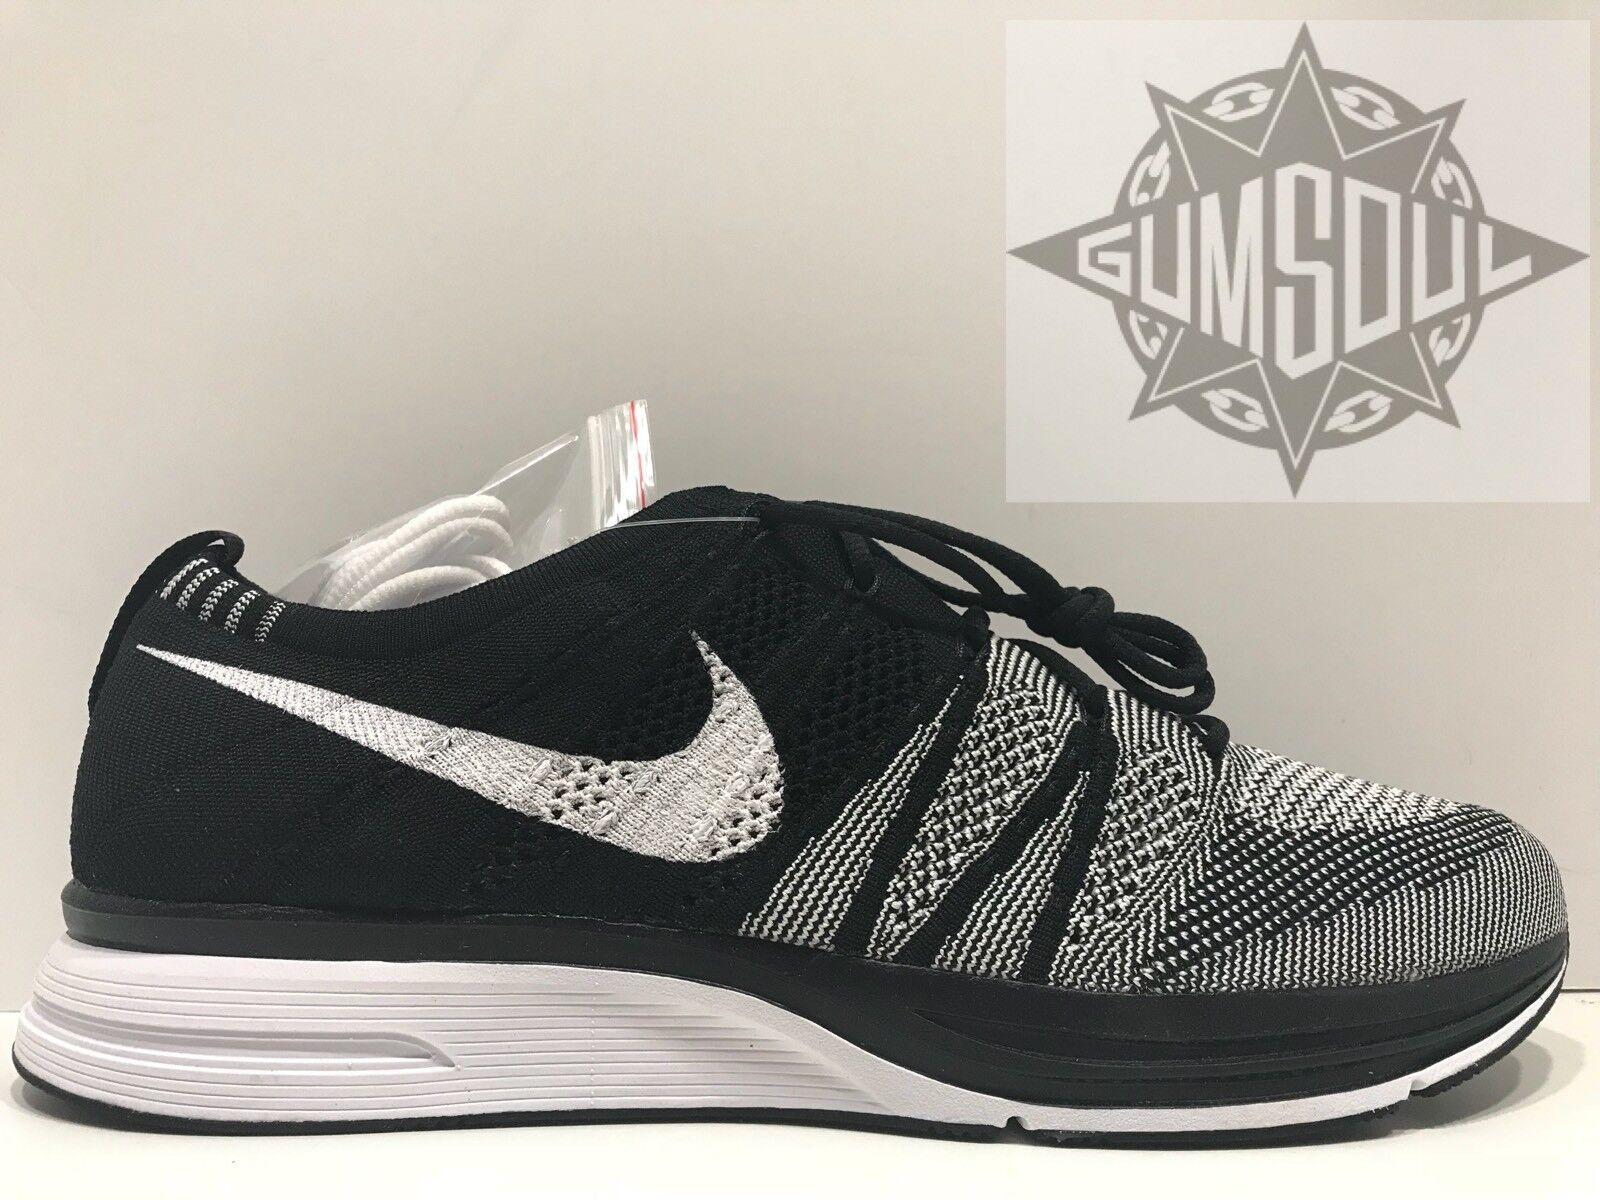 Nike flyknit trainer og 005 bianco nero oreo ah8396 005 og sz 12,5 789495